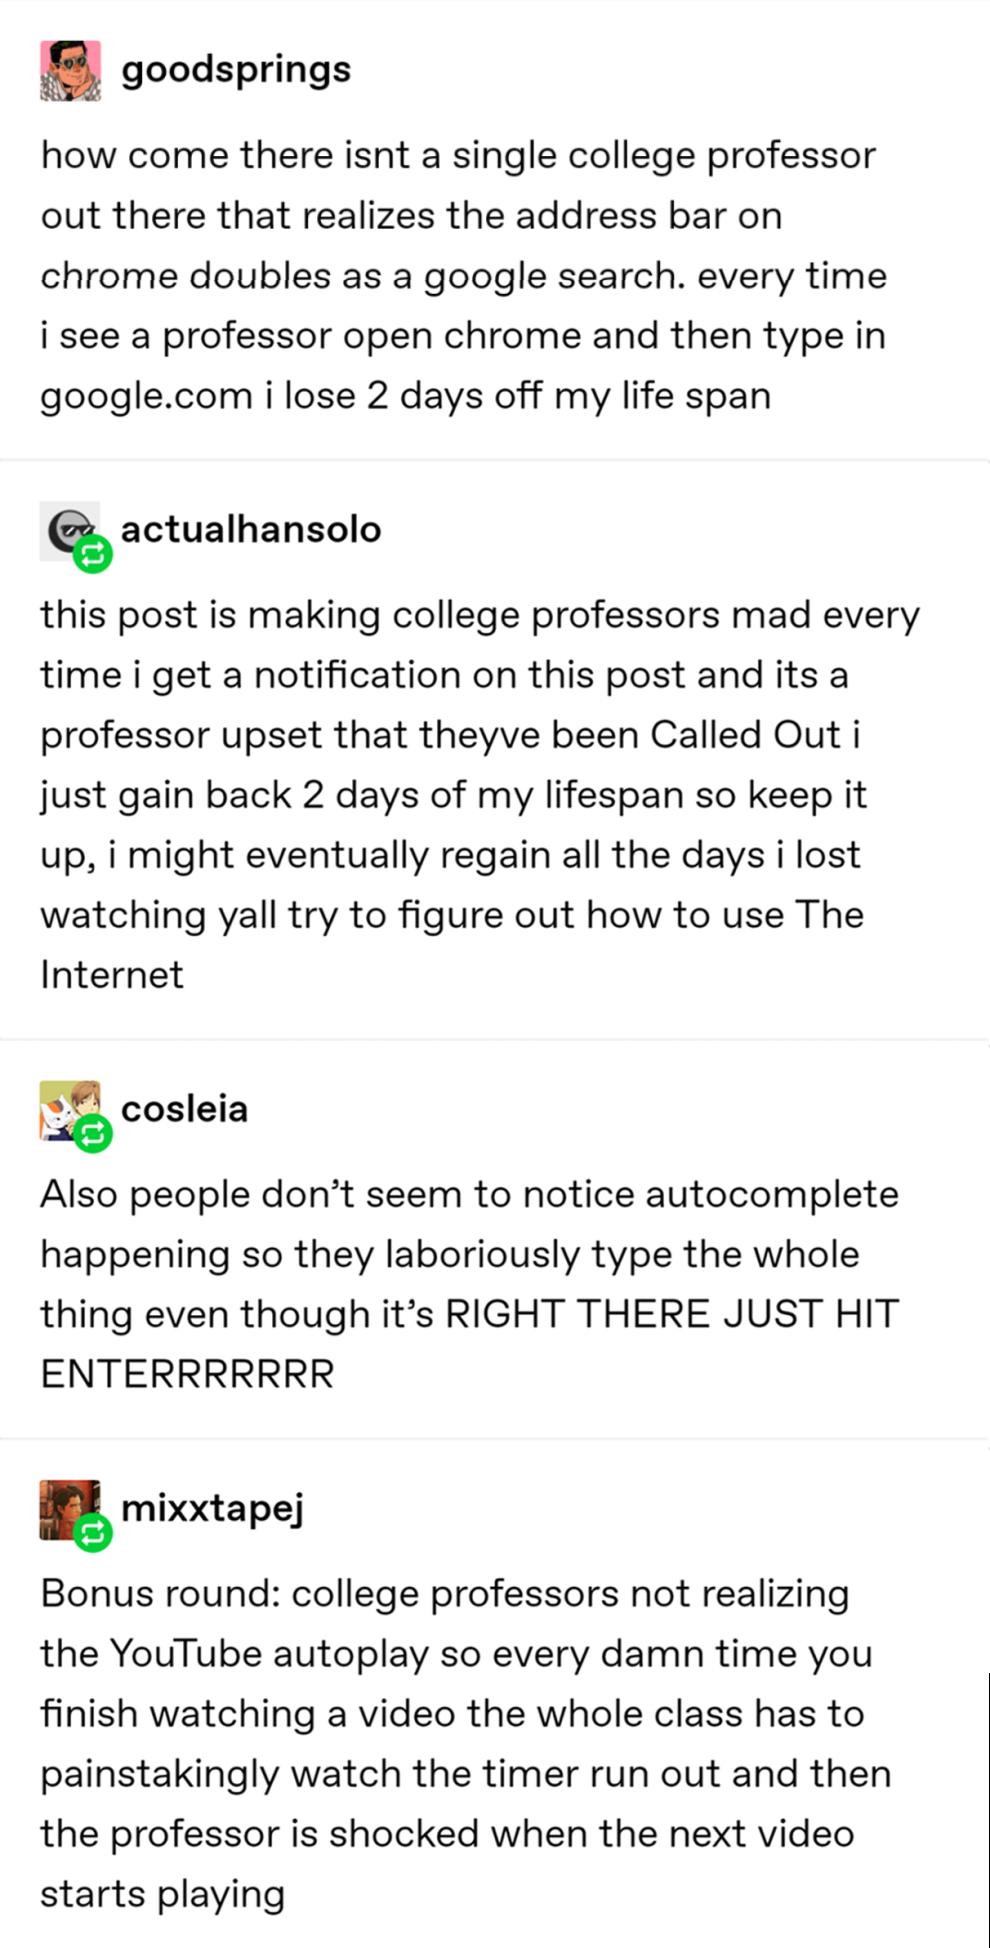 37 Hilarious Tumblr Posts über das College, das Ihren Stress im Schulanfang lin...,  #College... #backtoschool 37 Hilarious Tumblr Posts über das College, das Ihren Stress im Schulanfang lin...,  #College #das #hairstylesforschool #Hilarious #Ihren #lin #Posts #Schulanfang #Stress #Tumblr #über #backtoschool